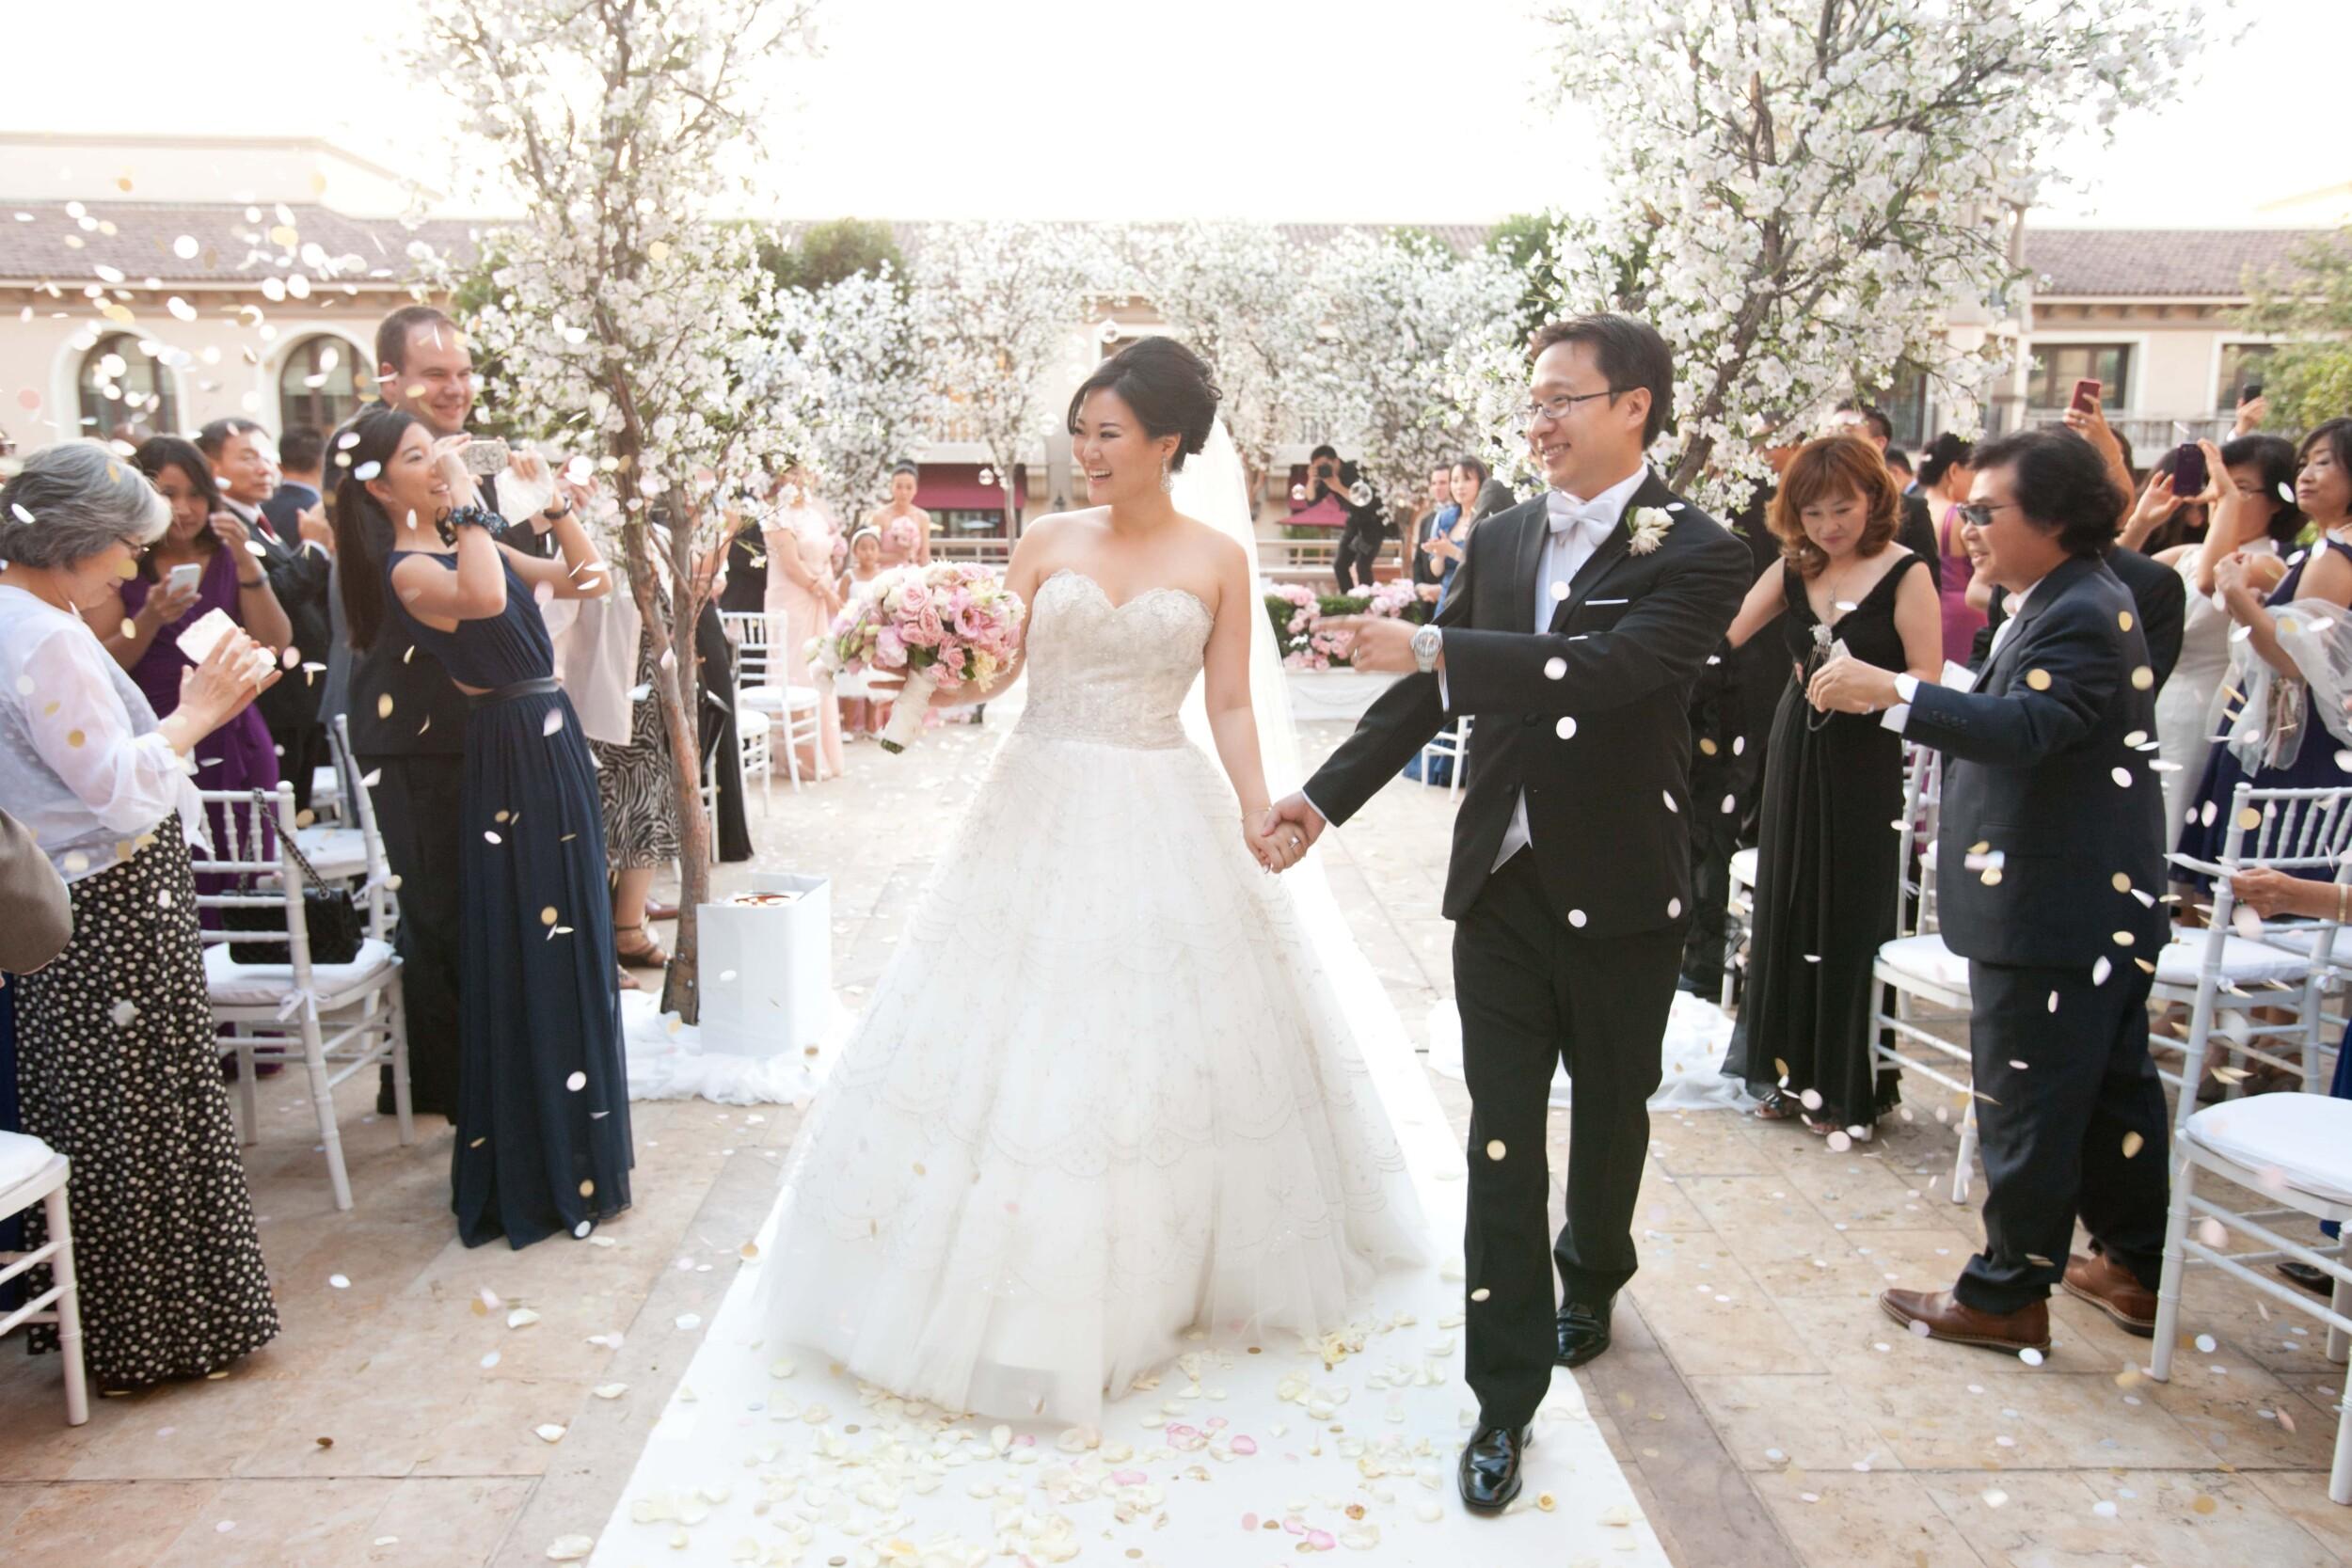 Newly Weds | Gianna Provenzano